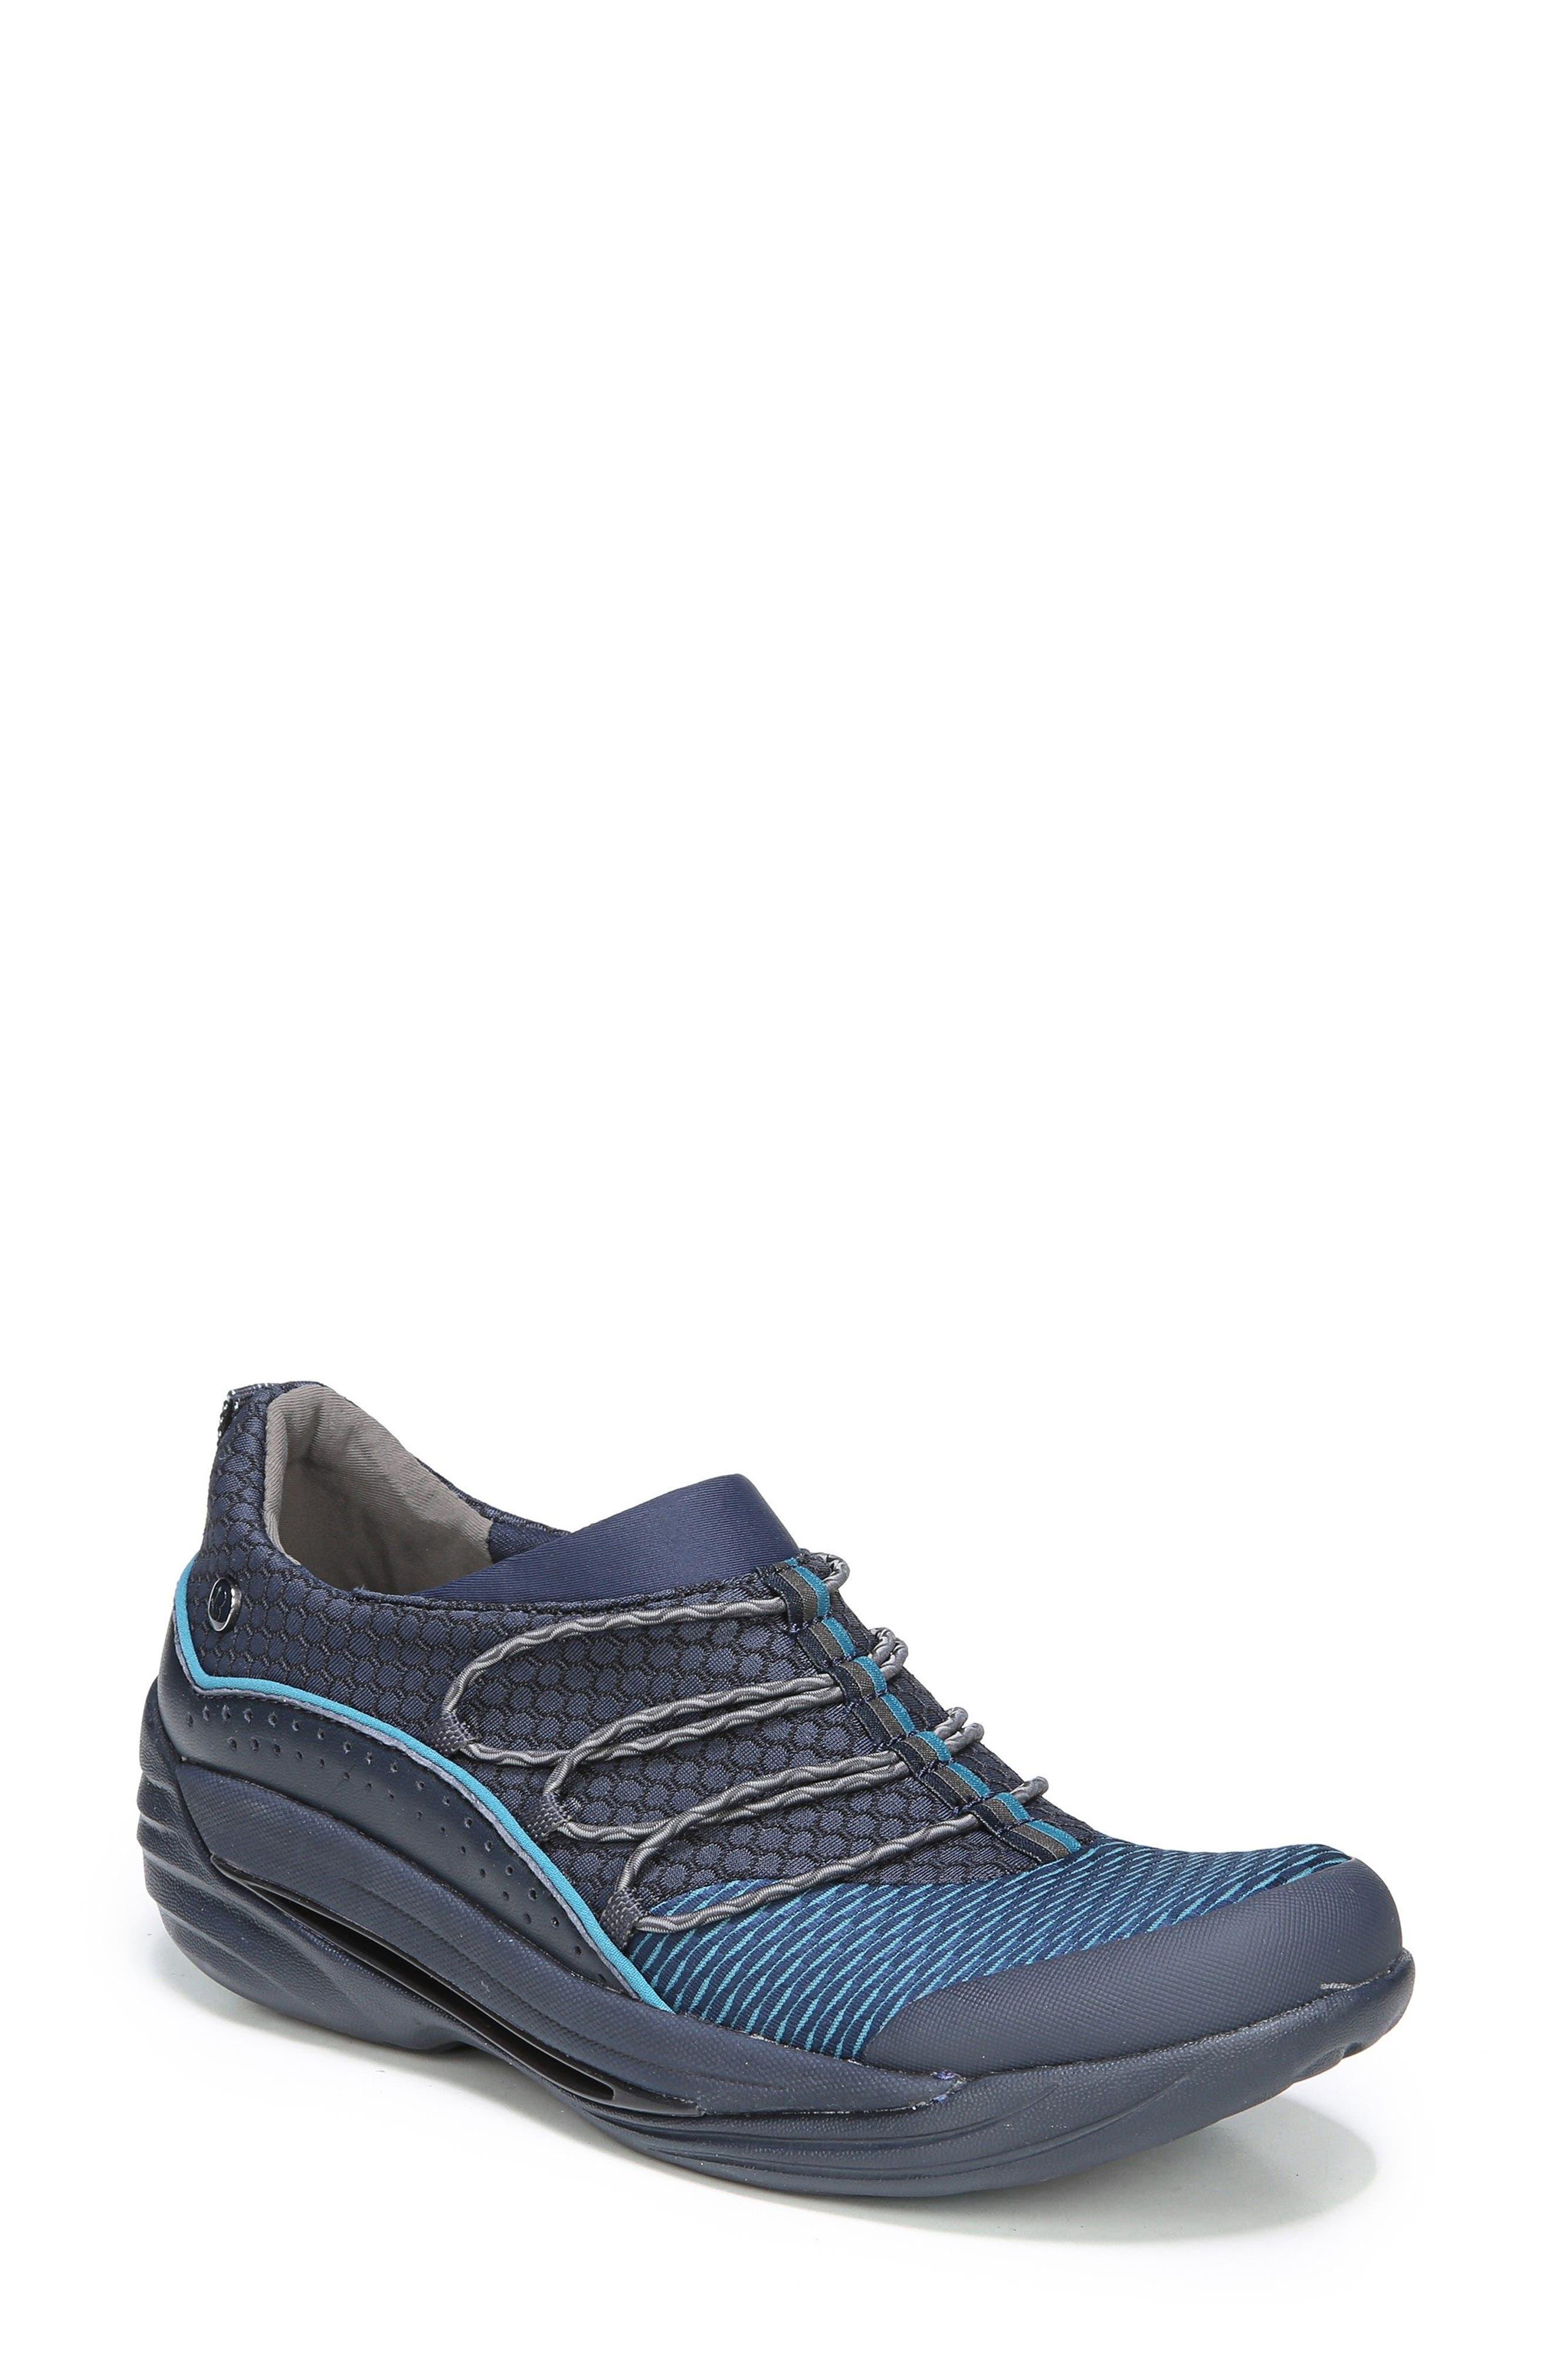 Pisces Slip-On Sneaker,                             Main thumbnail 1, color,                             NAVY